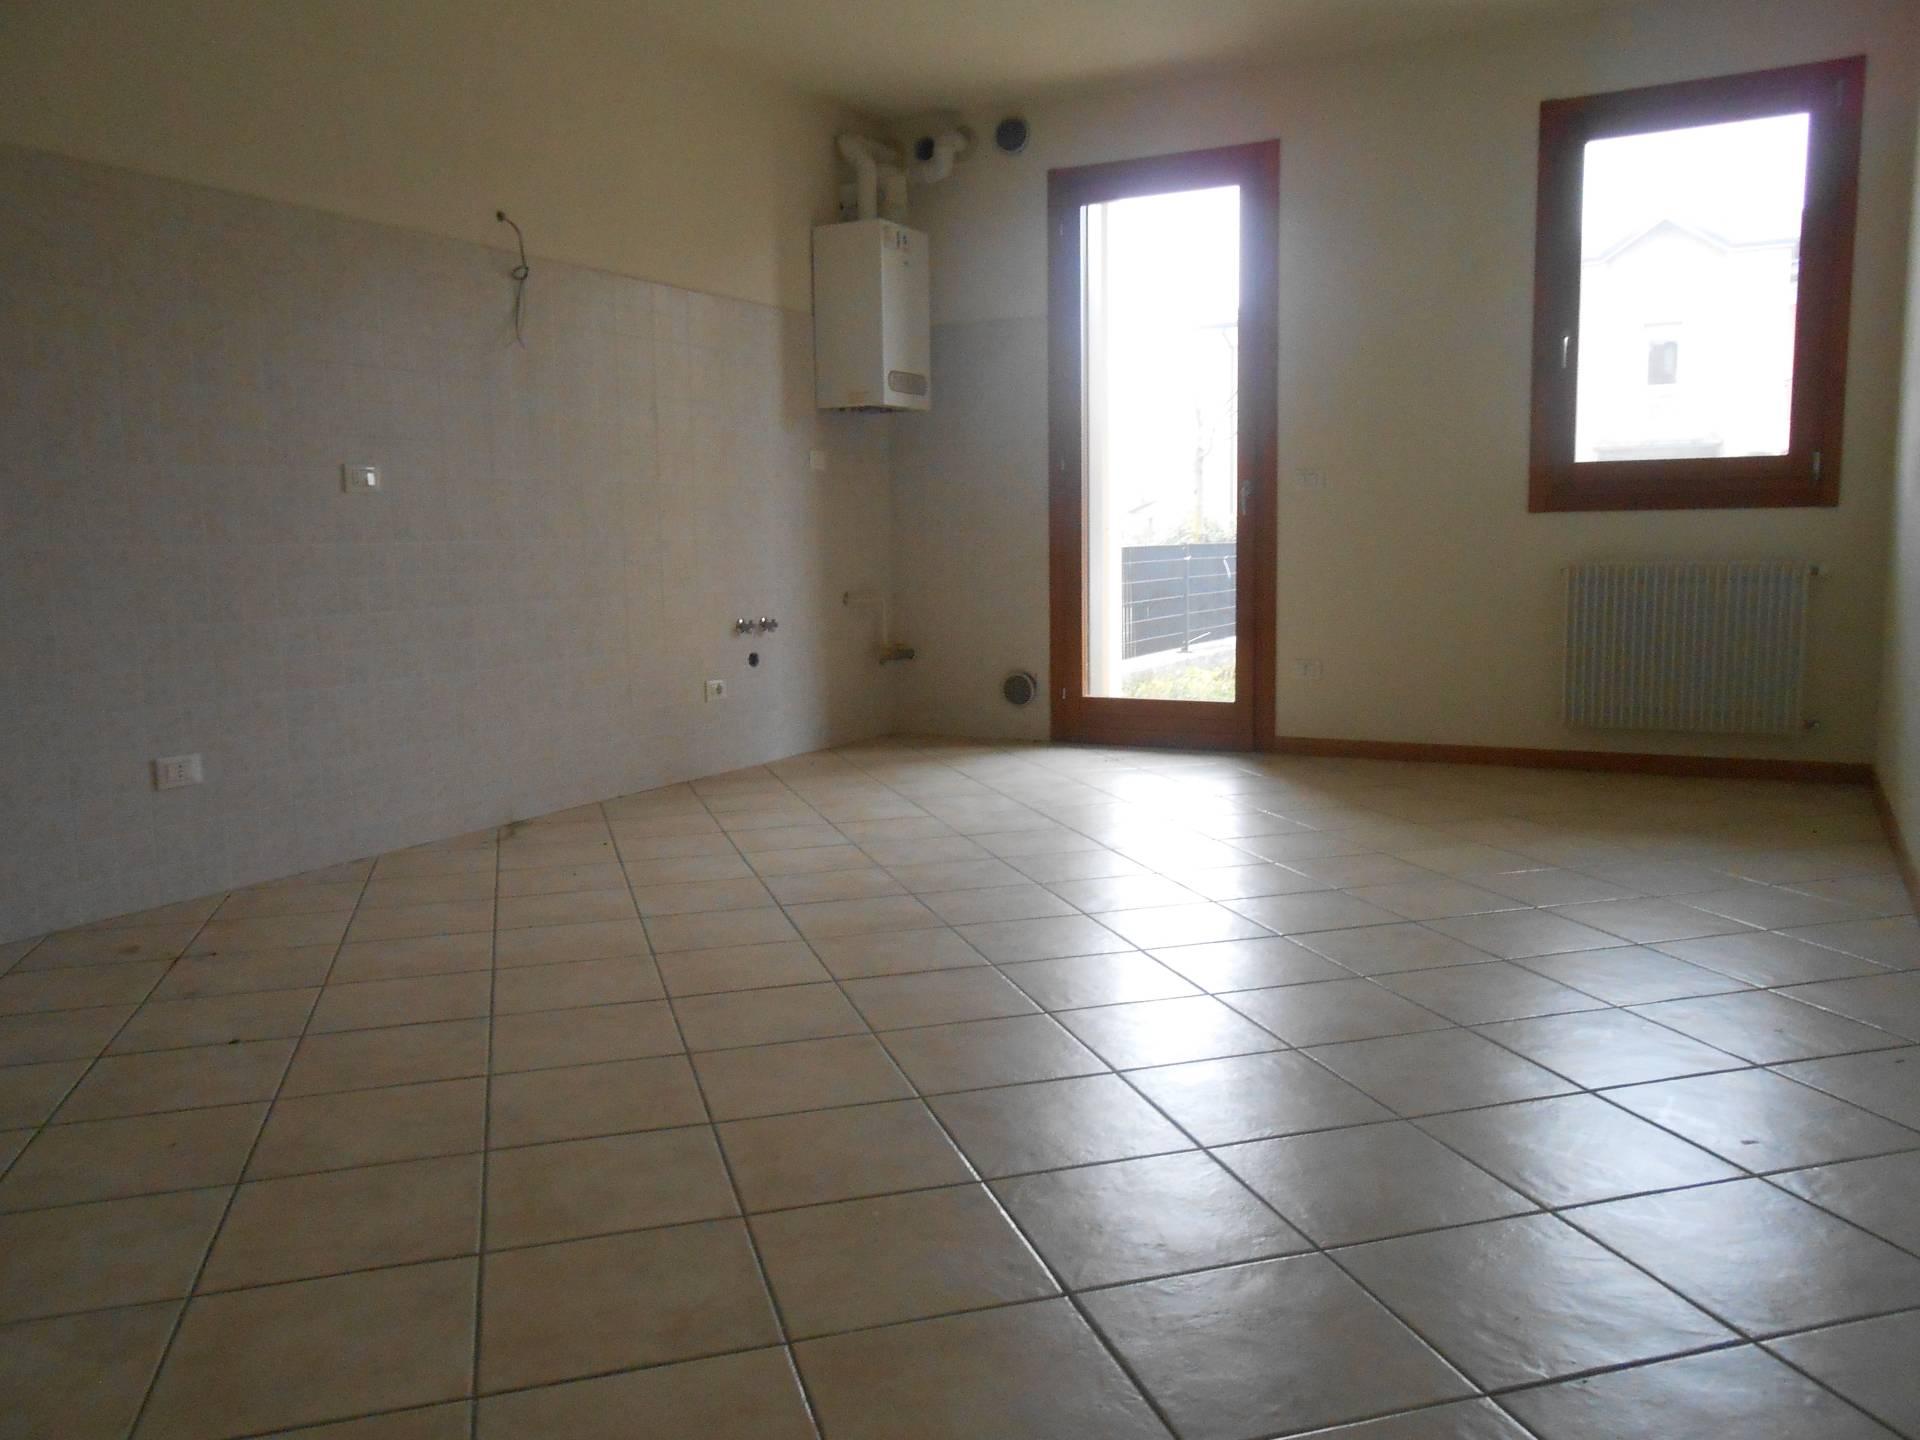 Appartamento in vendita a Mareno di Piave, 6 locali, zona Zona: Ramera, prezzo € 125.000 | CambioCasa.it